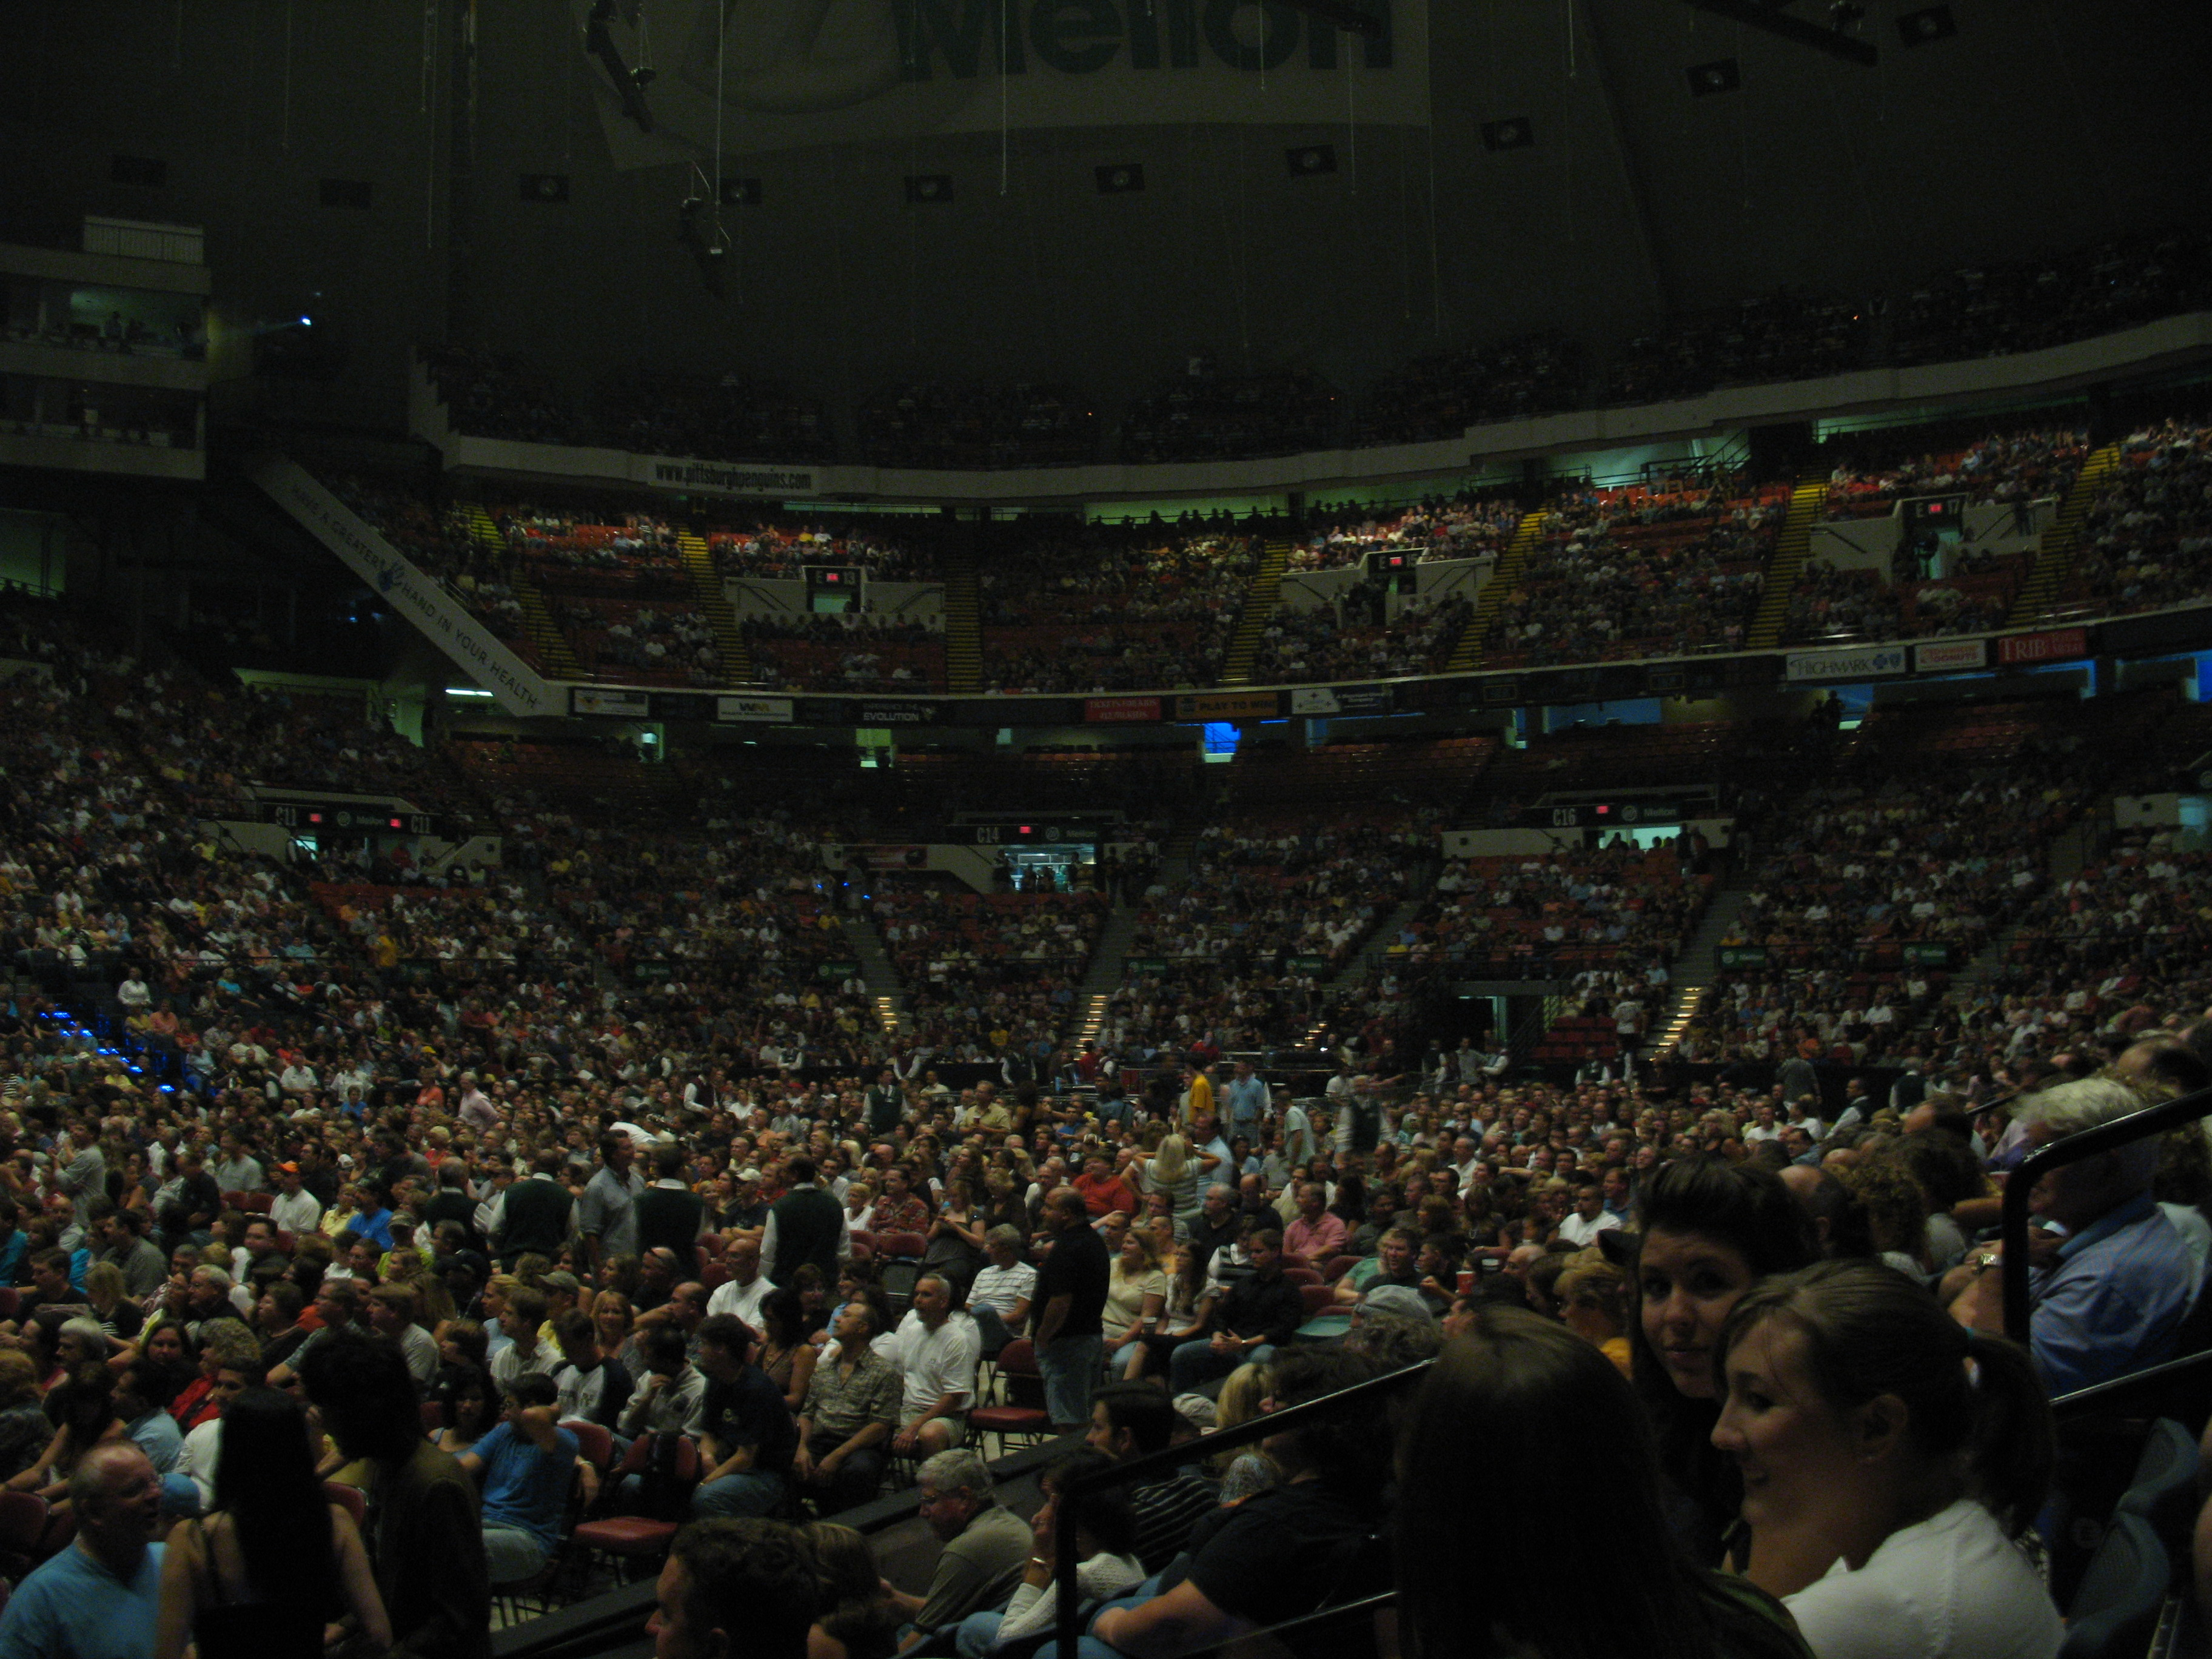 File:2097 - Pittsburgh - Mellon Arena - Genesis.JPG